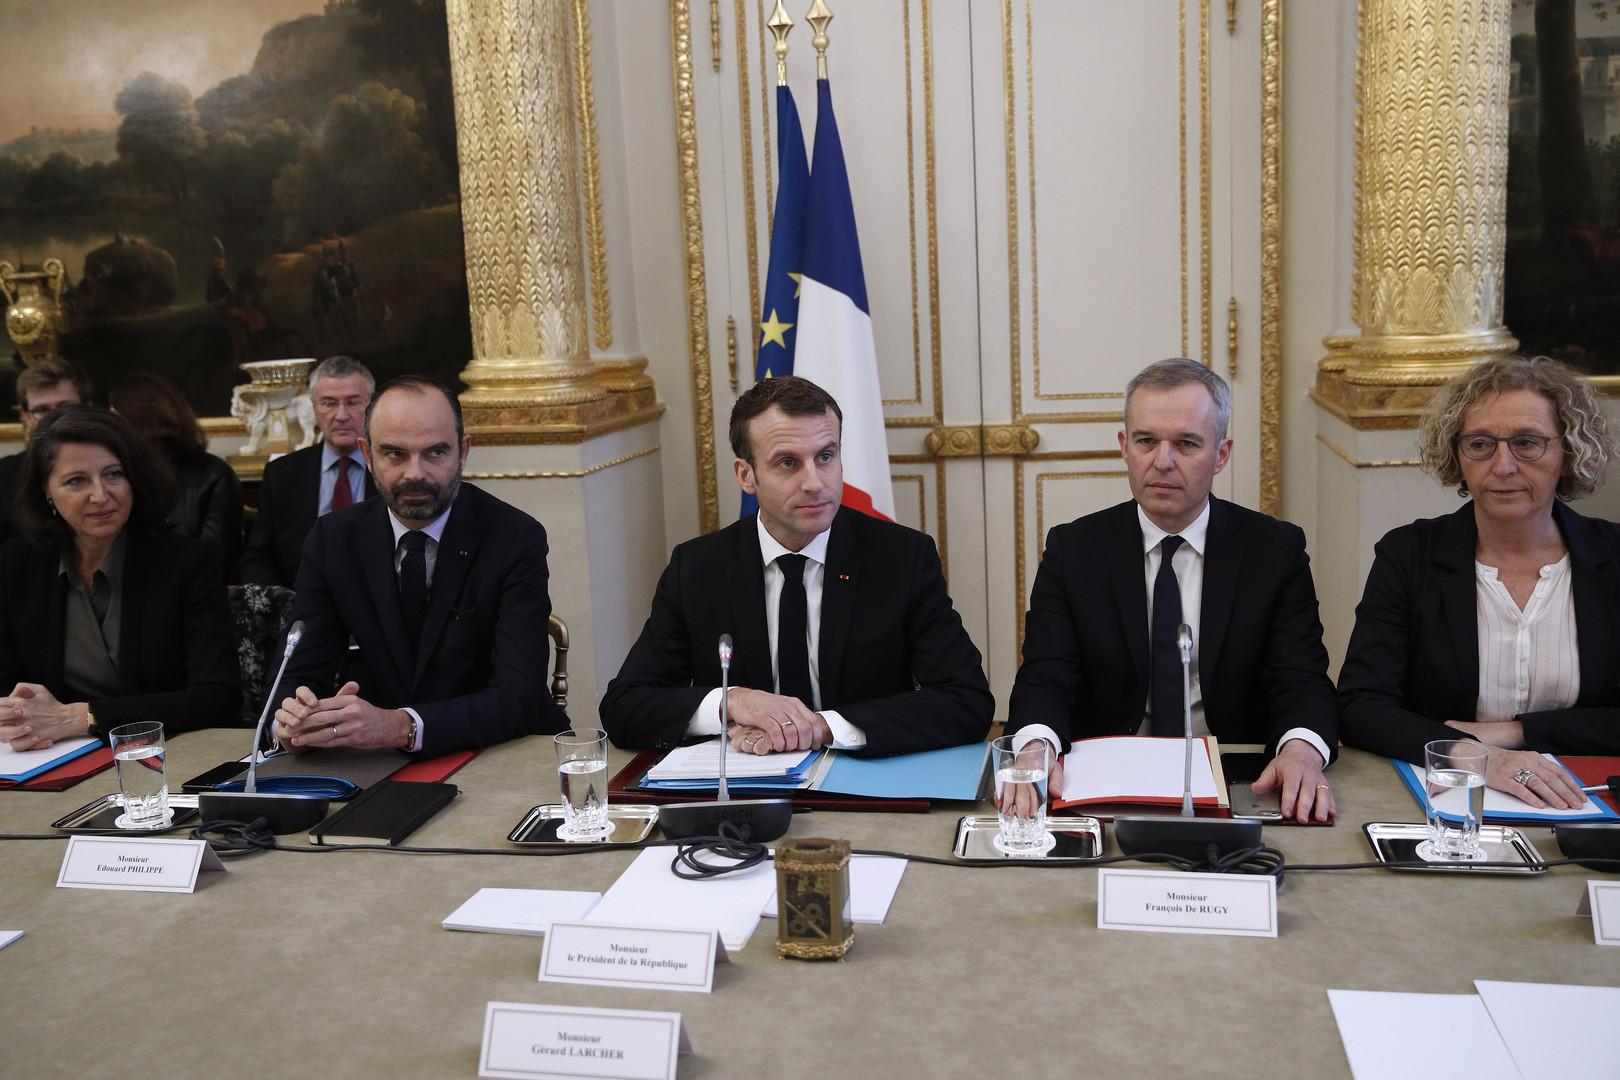 Le gouvernement «trop intelligent, trop subtil» pour les Français, selon le chef des députés LREM